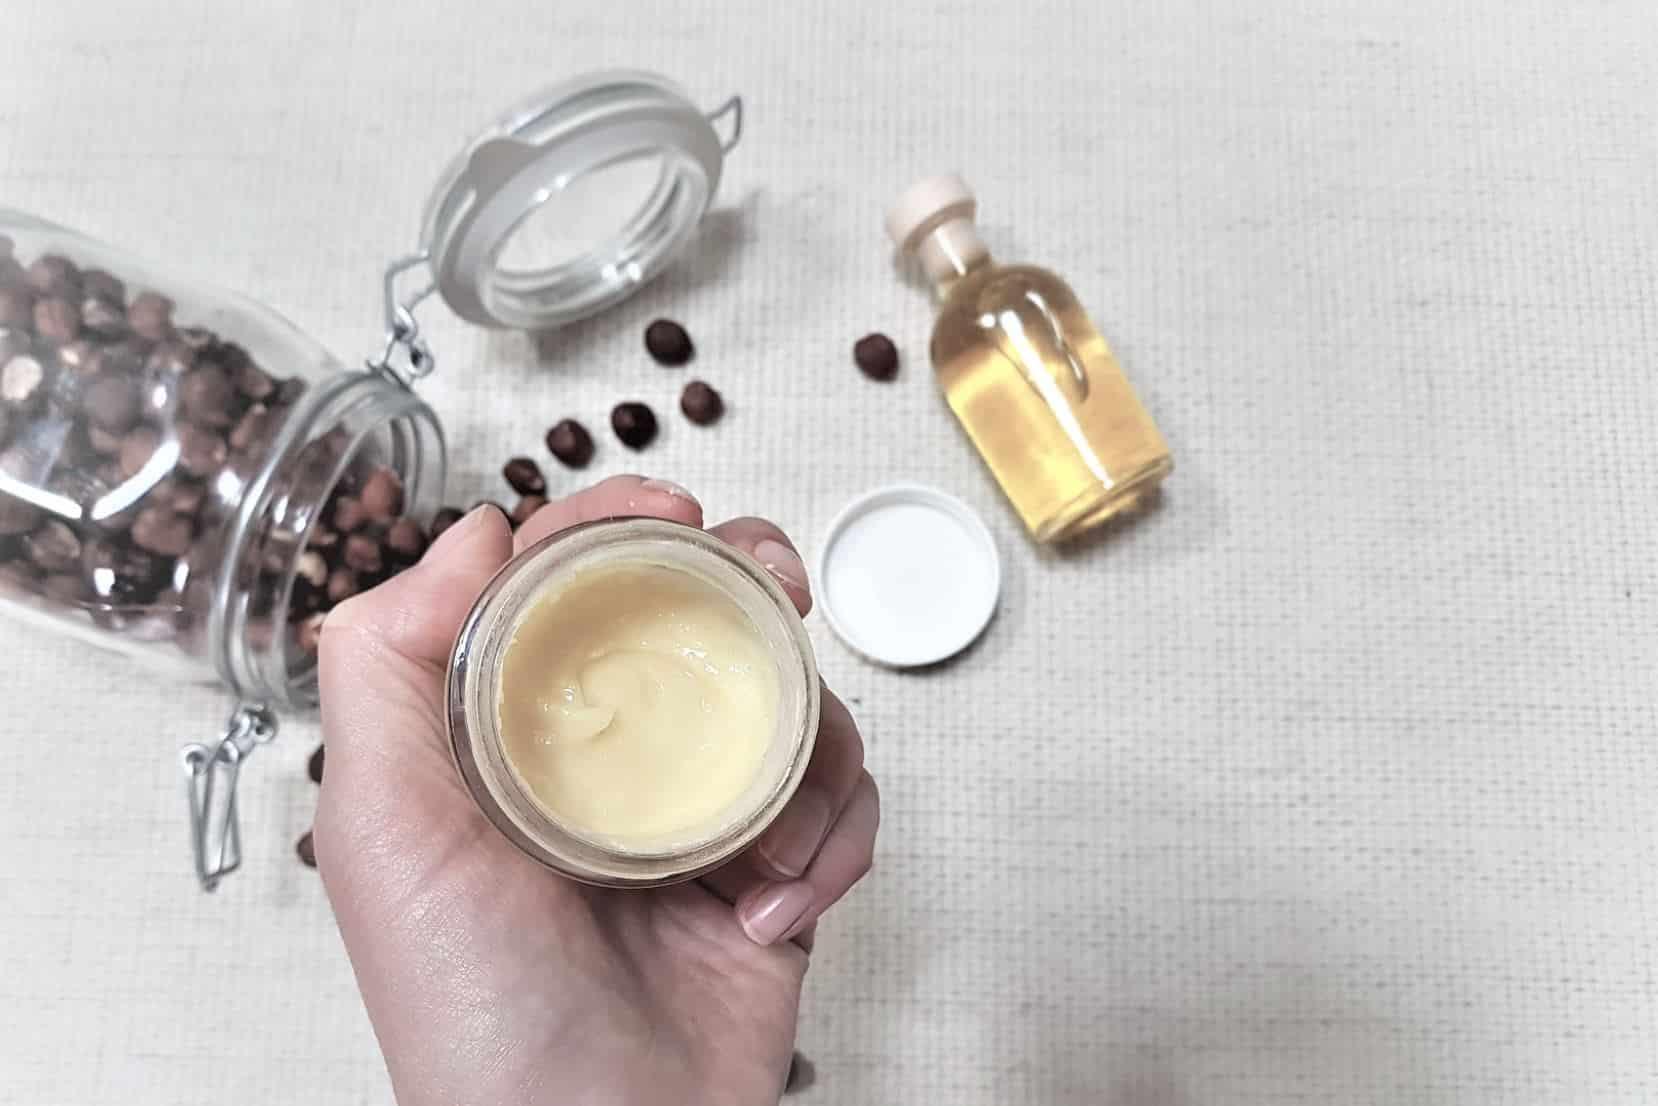 crème visage huile recette noisettes France